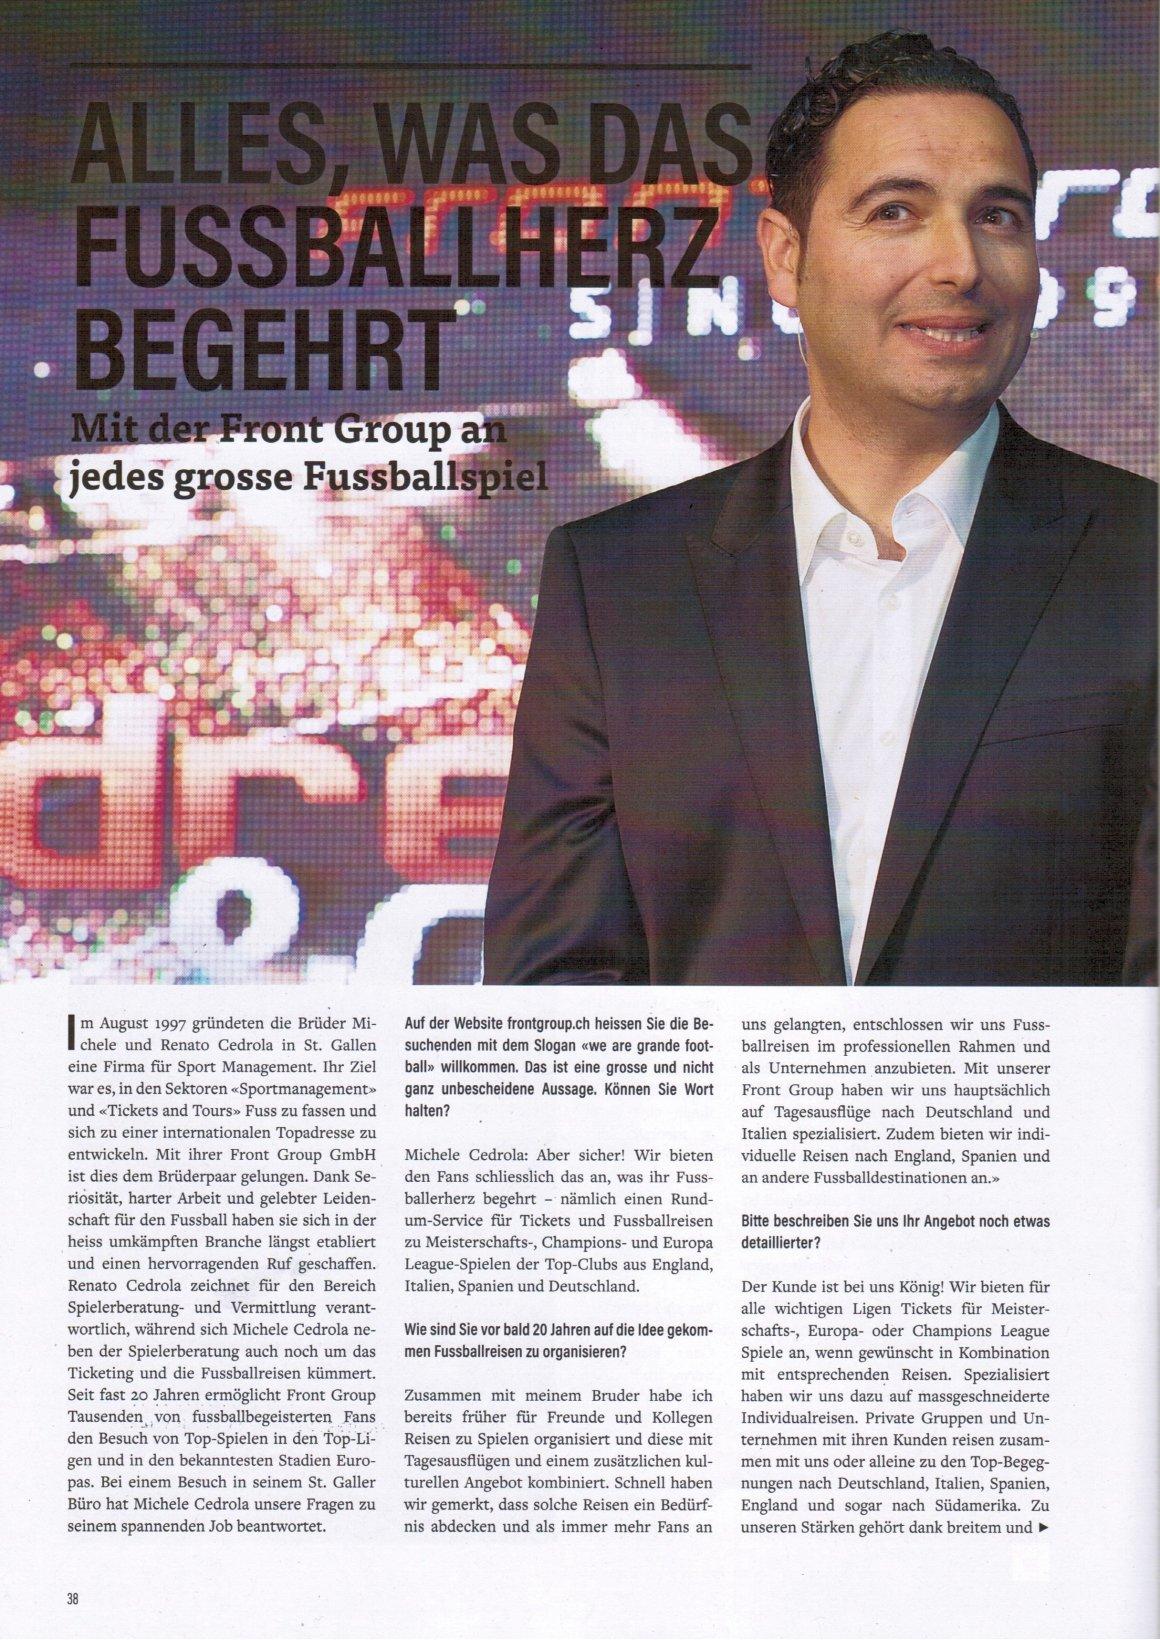 ofv-magazin-2016-alles-was-das-fussballherz-begehrt-seite-1